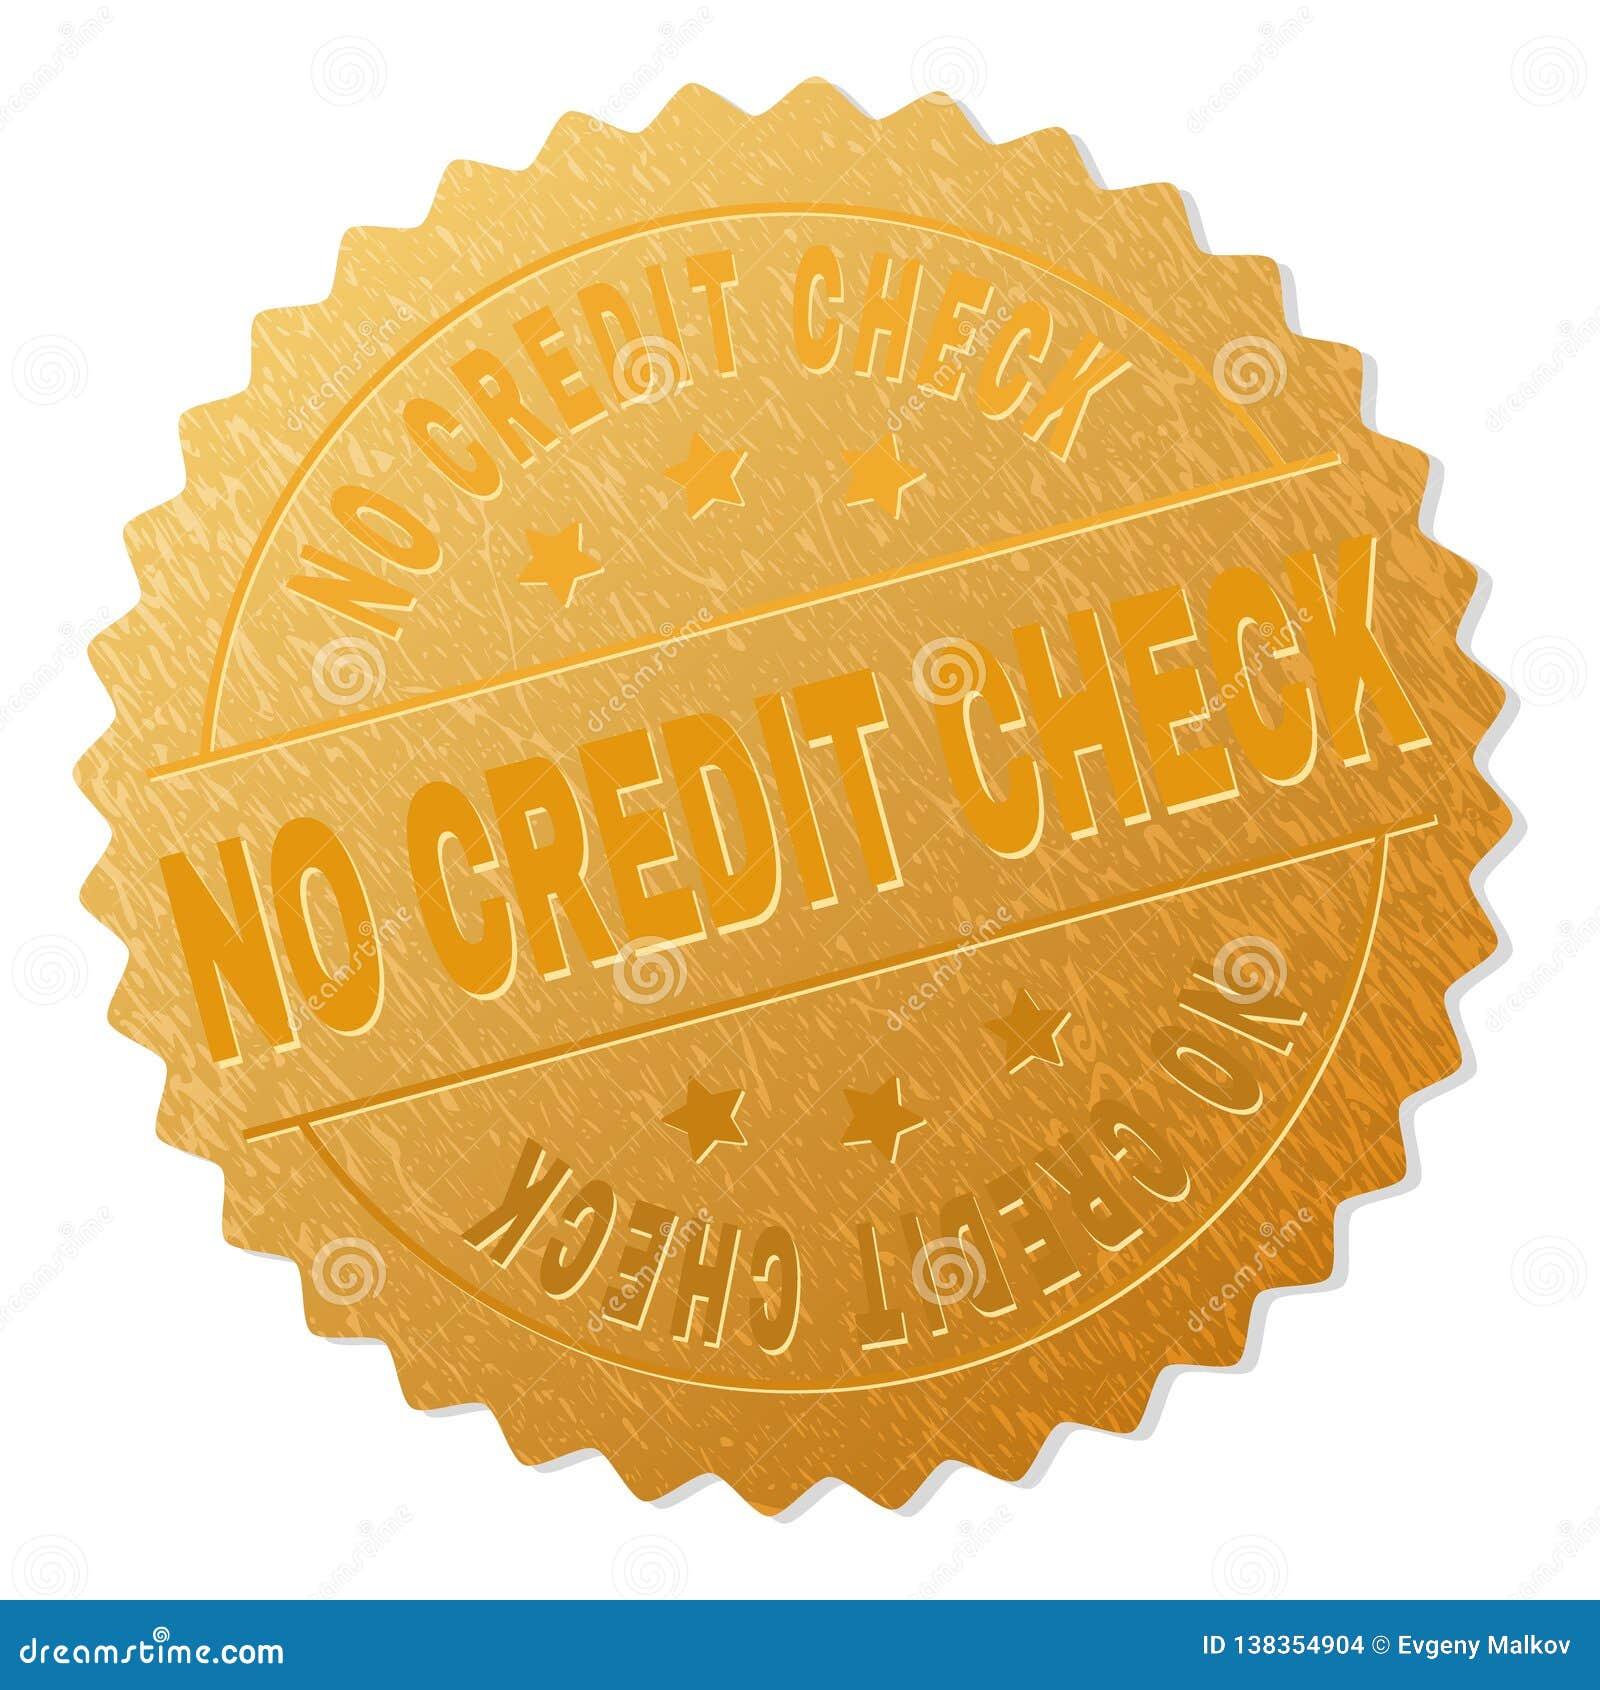 Gold NO CREDIT CHECK Award Stamp Stock Vector